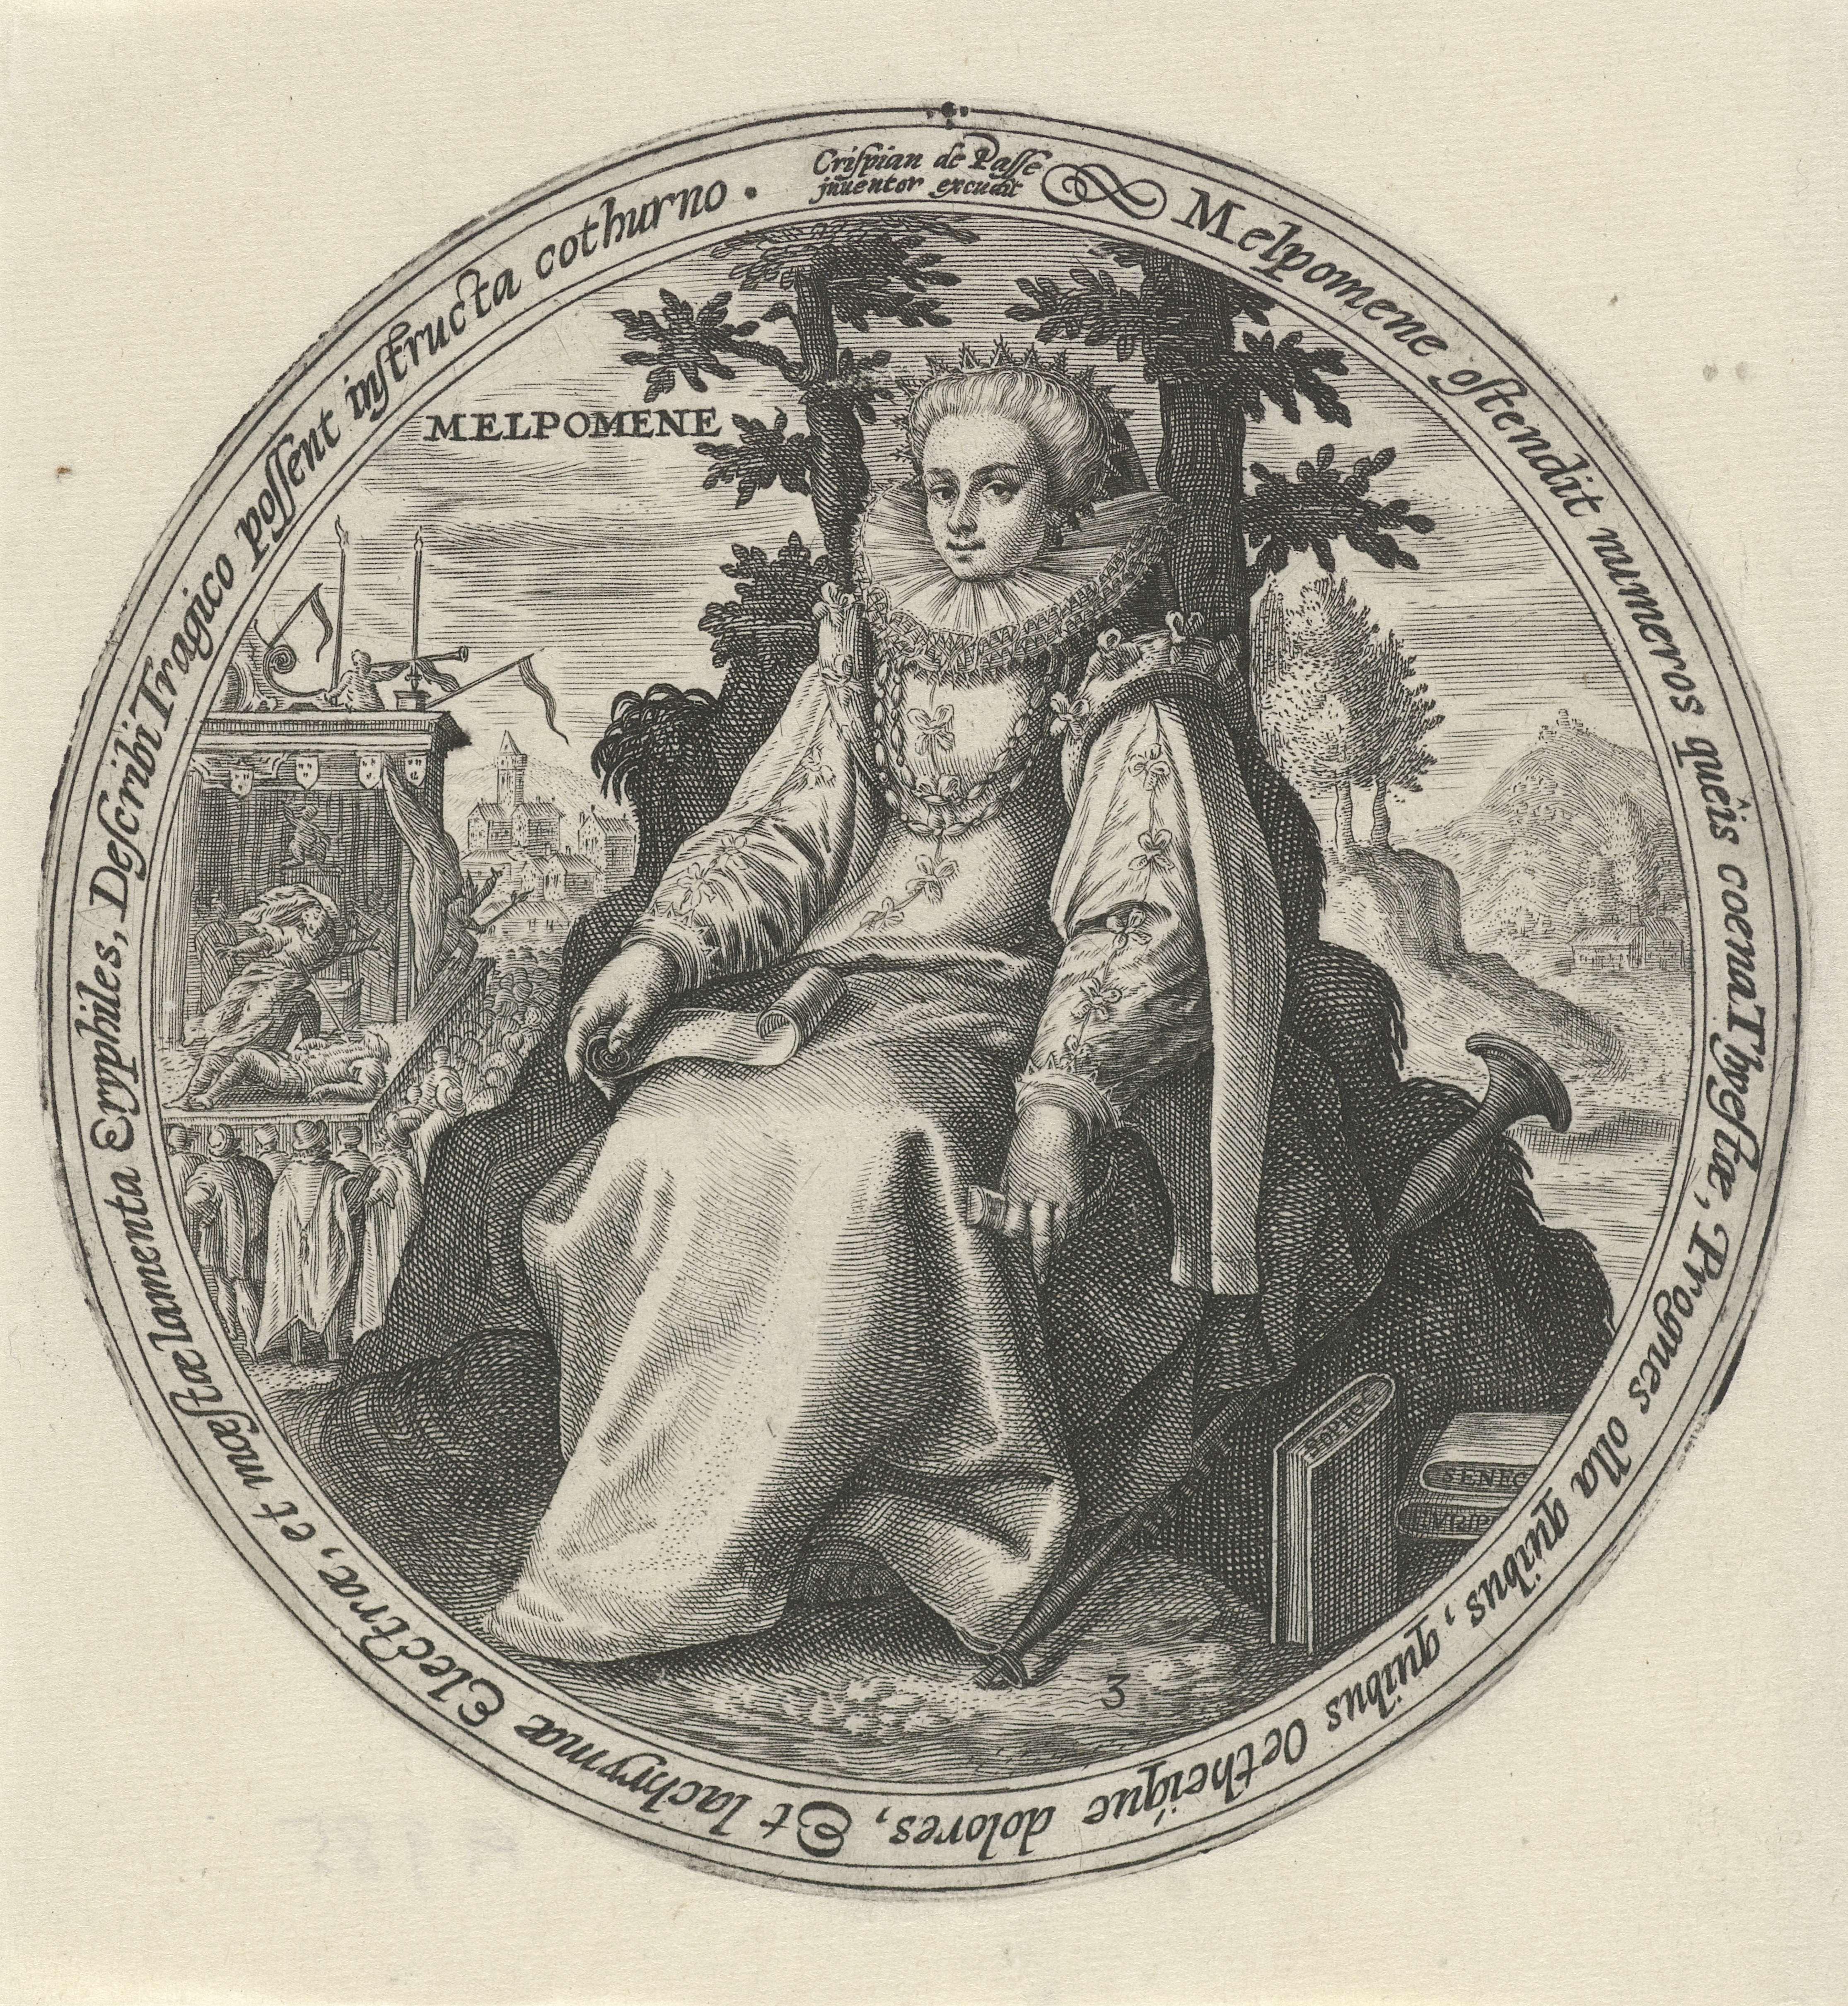 Crispijn van de Passe (I) | Melpomene, Crispijn van de Passe (I), 1589 - 1611 | Landschap met Melpomene, de muze van het treurspel, met een lege dolkschede en een papier in haar handen. Op de achtergrond wordt op een podium een toneelspel opgevoerd. Derde prent uit een serie met muzen.